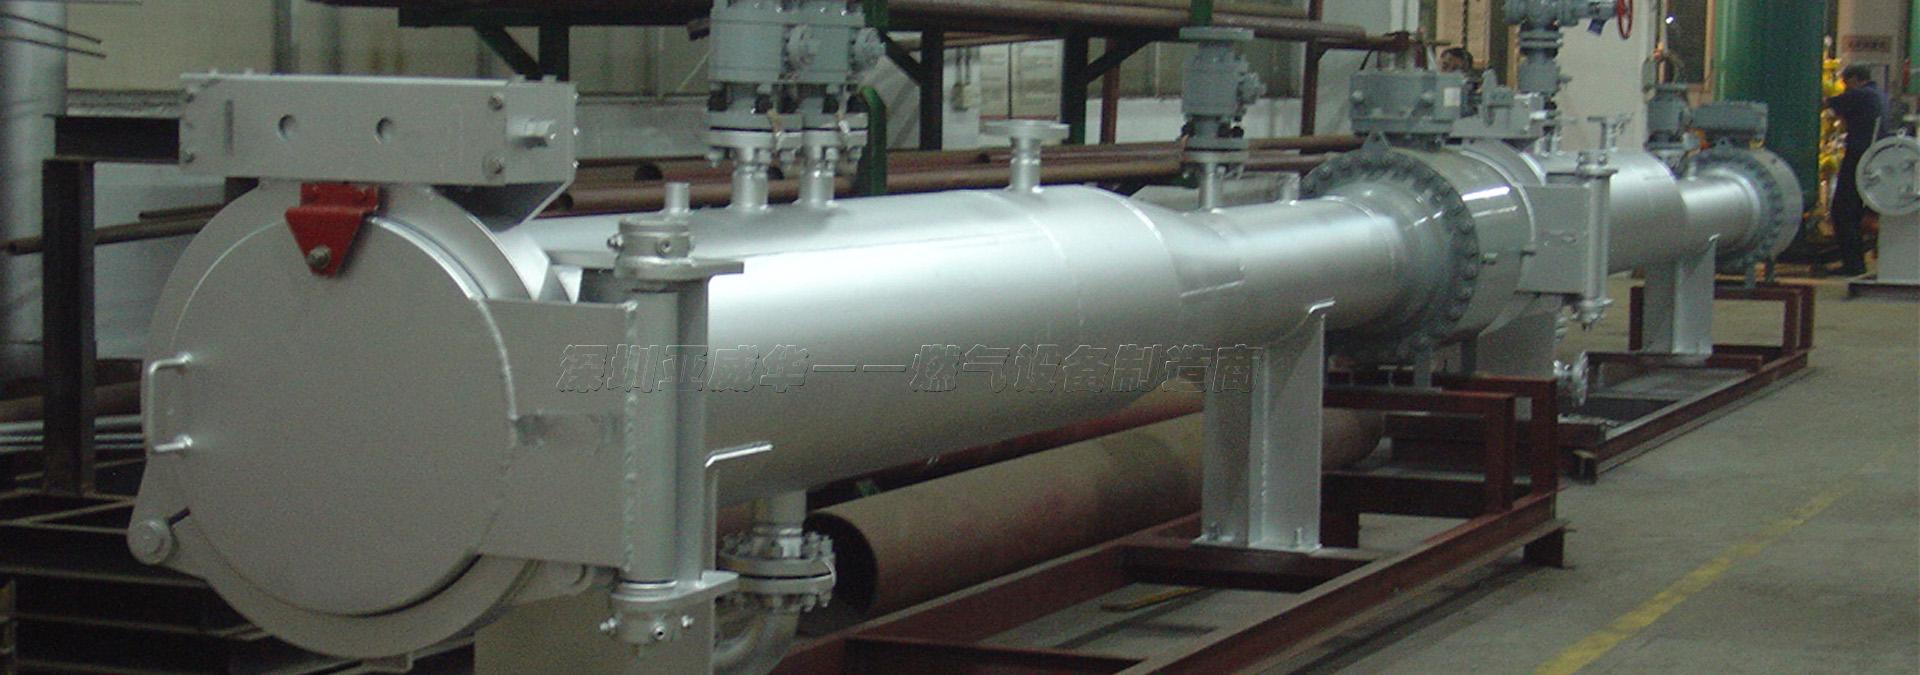 亚威华生产收发球筒和亚搏体育网站管道清管器